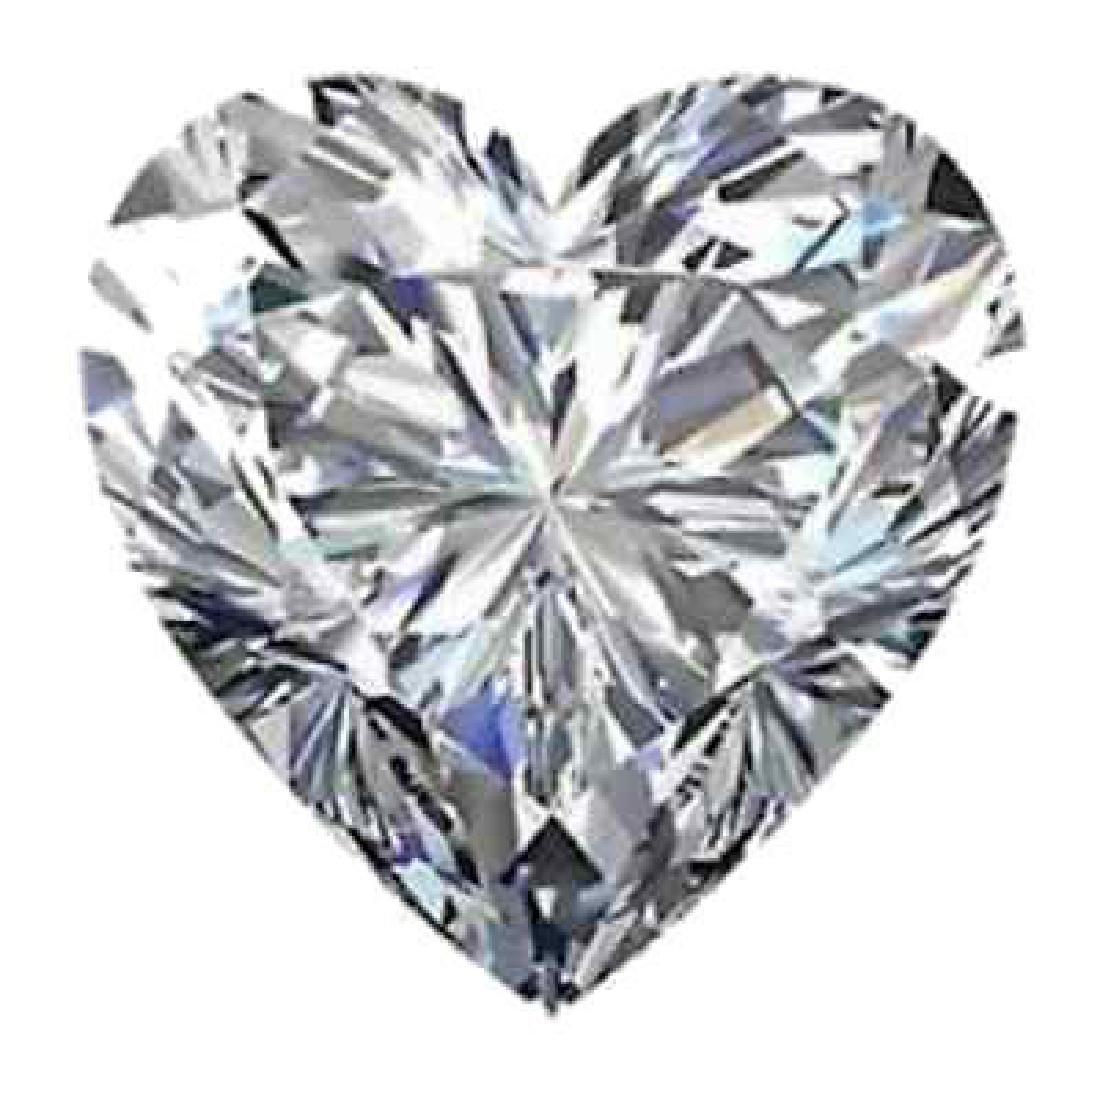 3.16cts - Bianco Diamond Heart Shaped Grade 6AAAAAA -